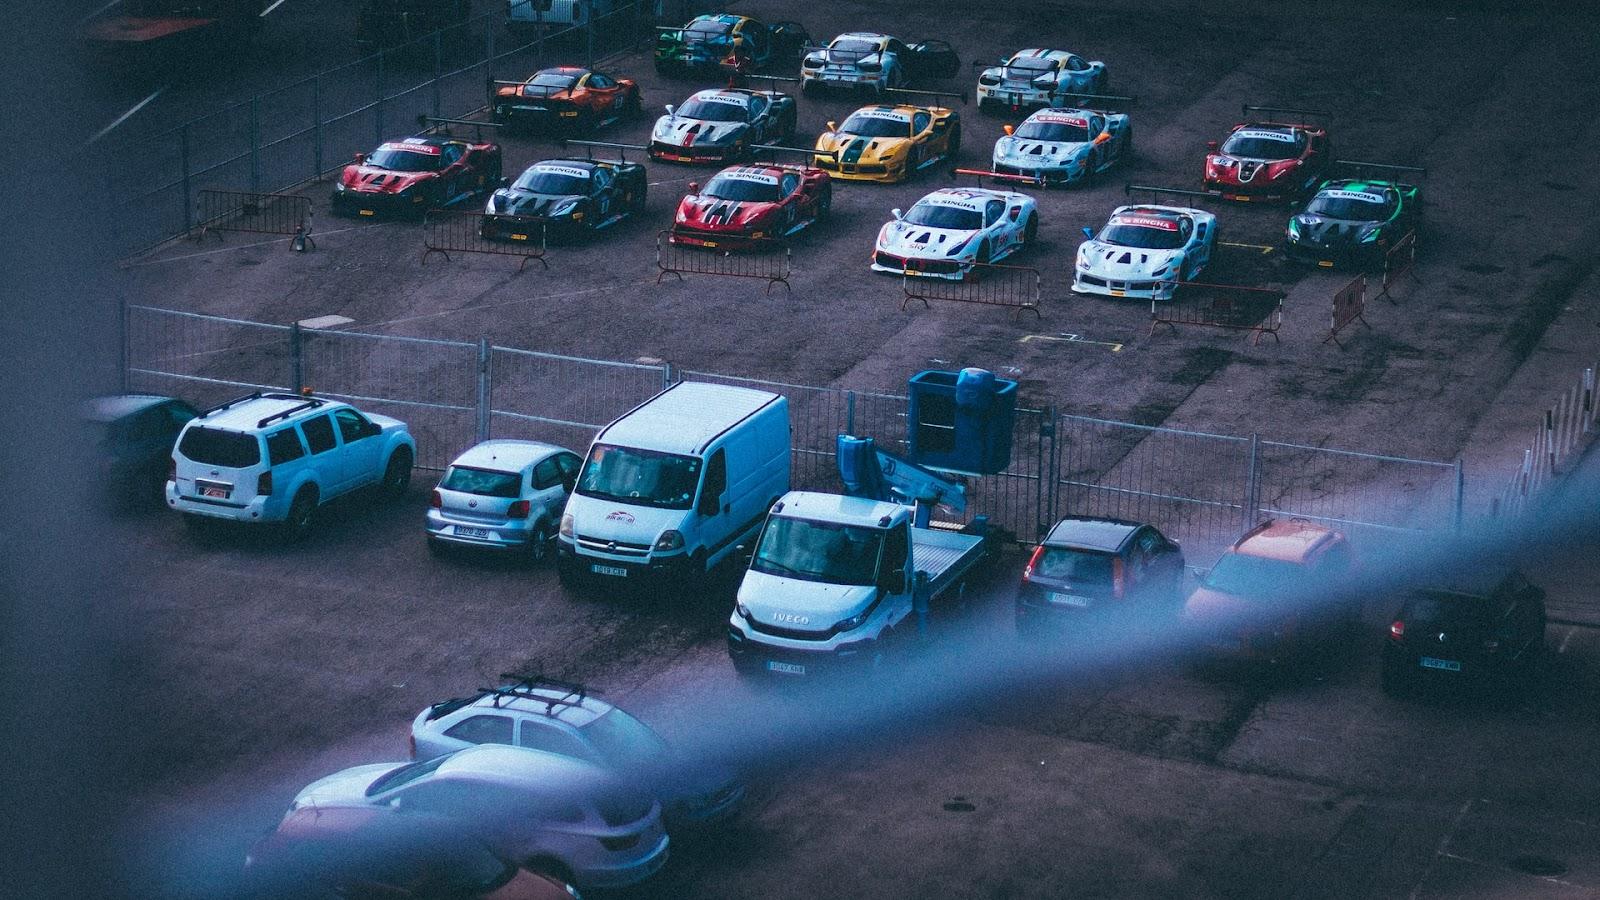 Os carros a combustão continuarão no mercado de carros usados, por alguns anos (Imagem: https://unsplash.com/photos/5kuWcYWN47M)